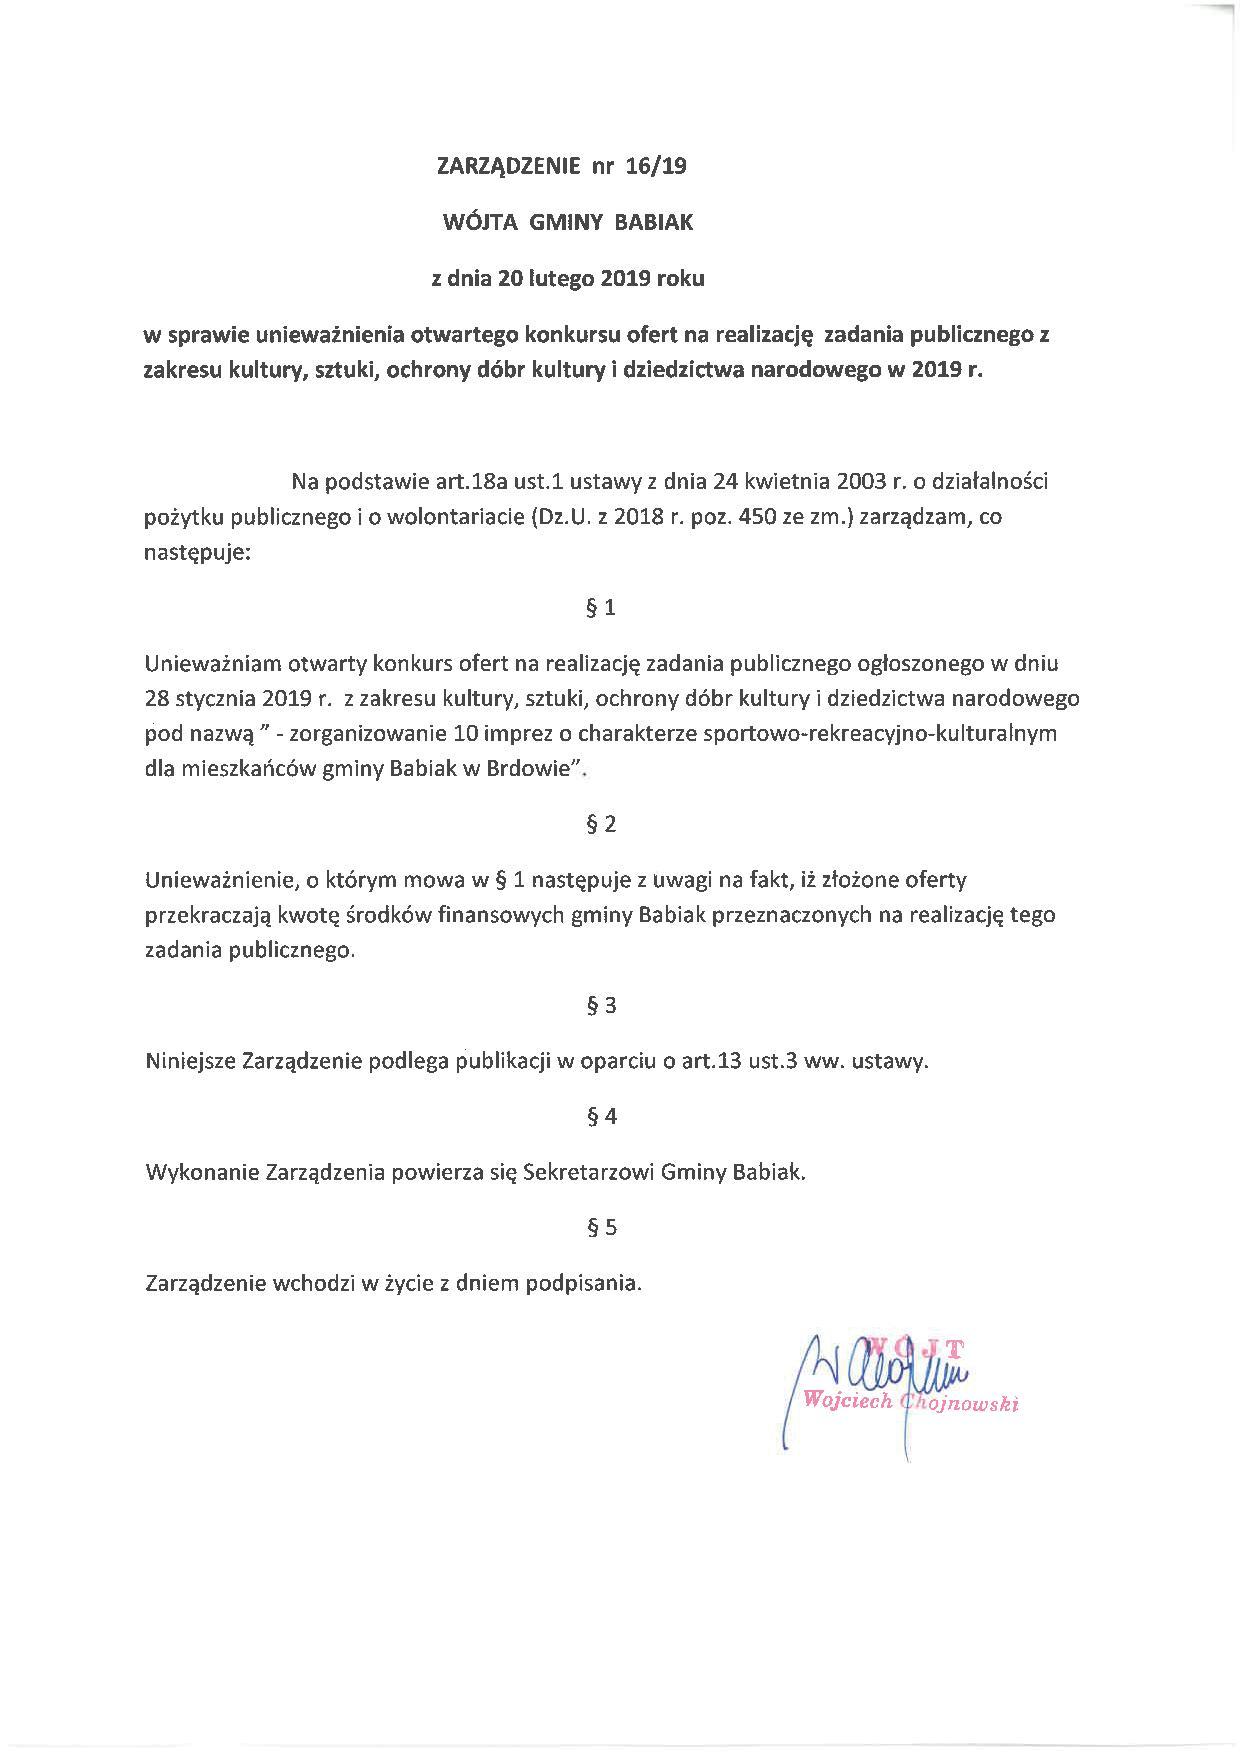 Unieważnienie konkursu ofert na realizację zadania publicznego z zakresu kultury, sztuki, ochrony dóbr kultury i dziedzictwa narodowego w 2019 roku. dotyczy zorganizowania w ciągu roku 10-ciu imprez sportowo-rekreacyjno-kulturalnym w Brdowie. Oferty przekraczaja budżet.